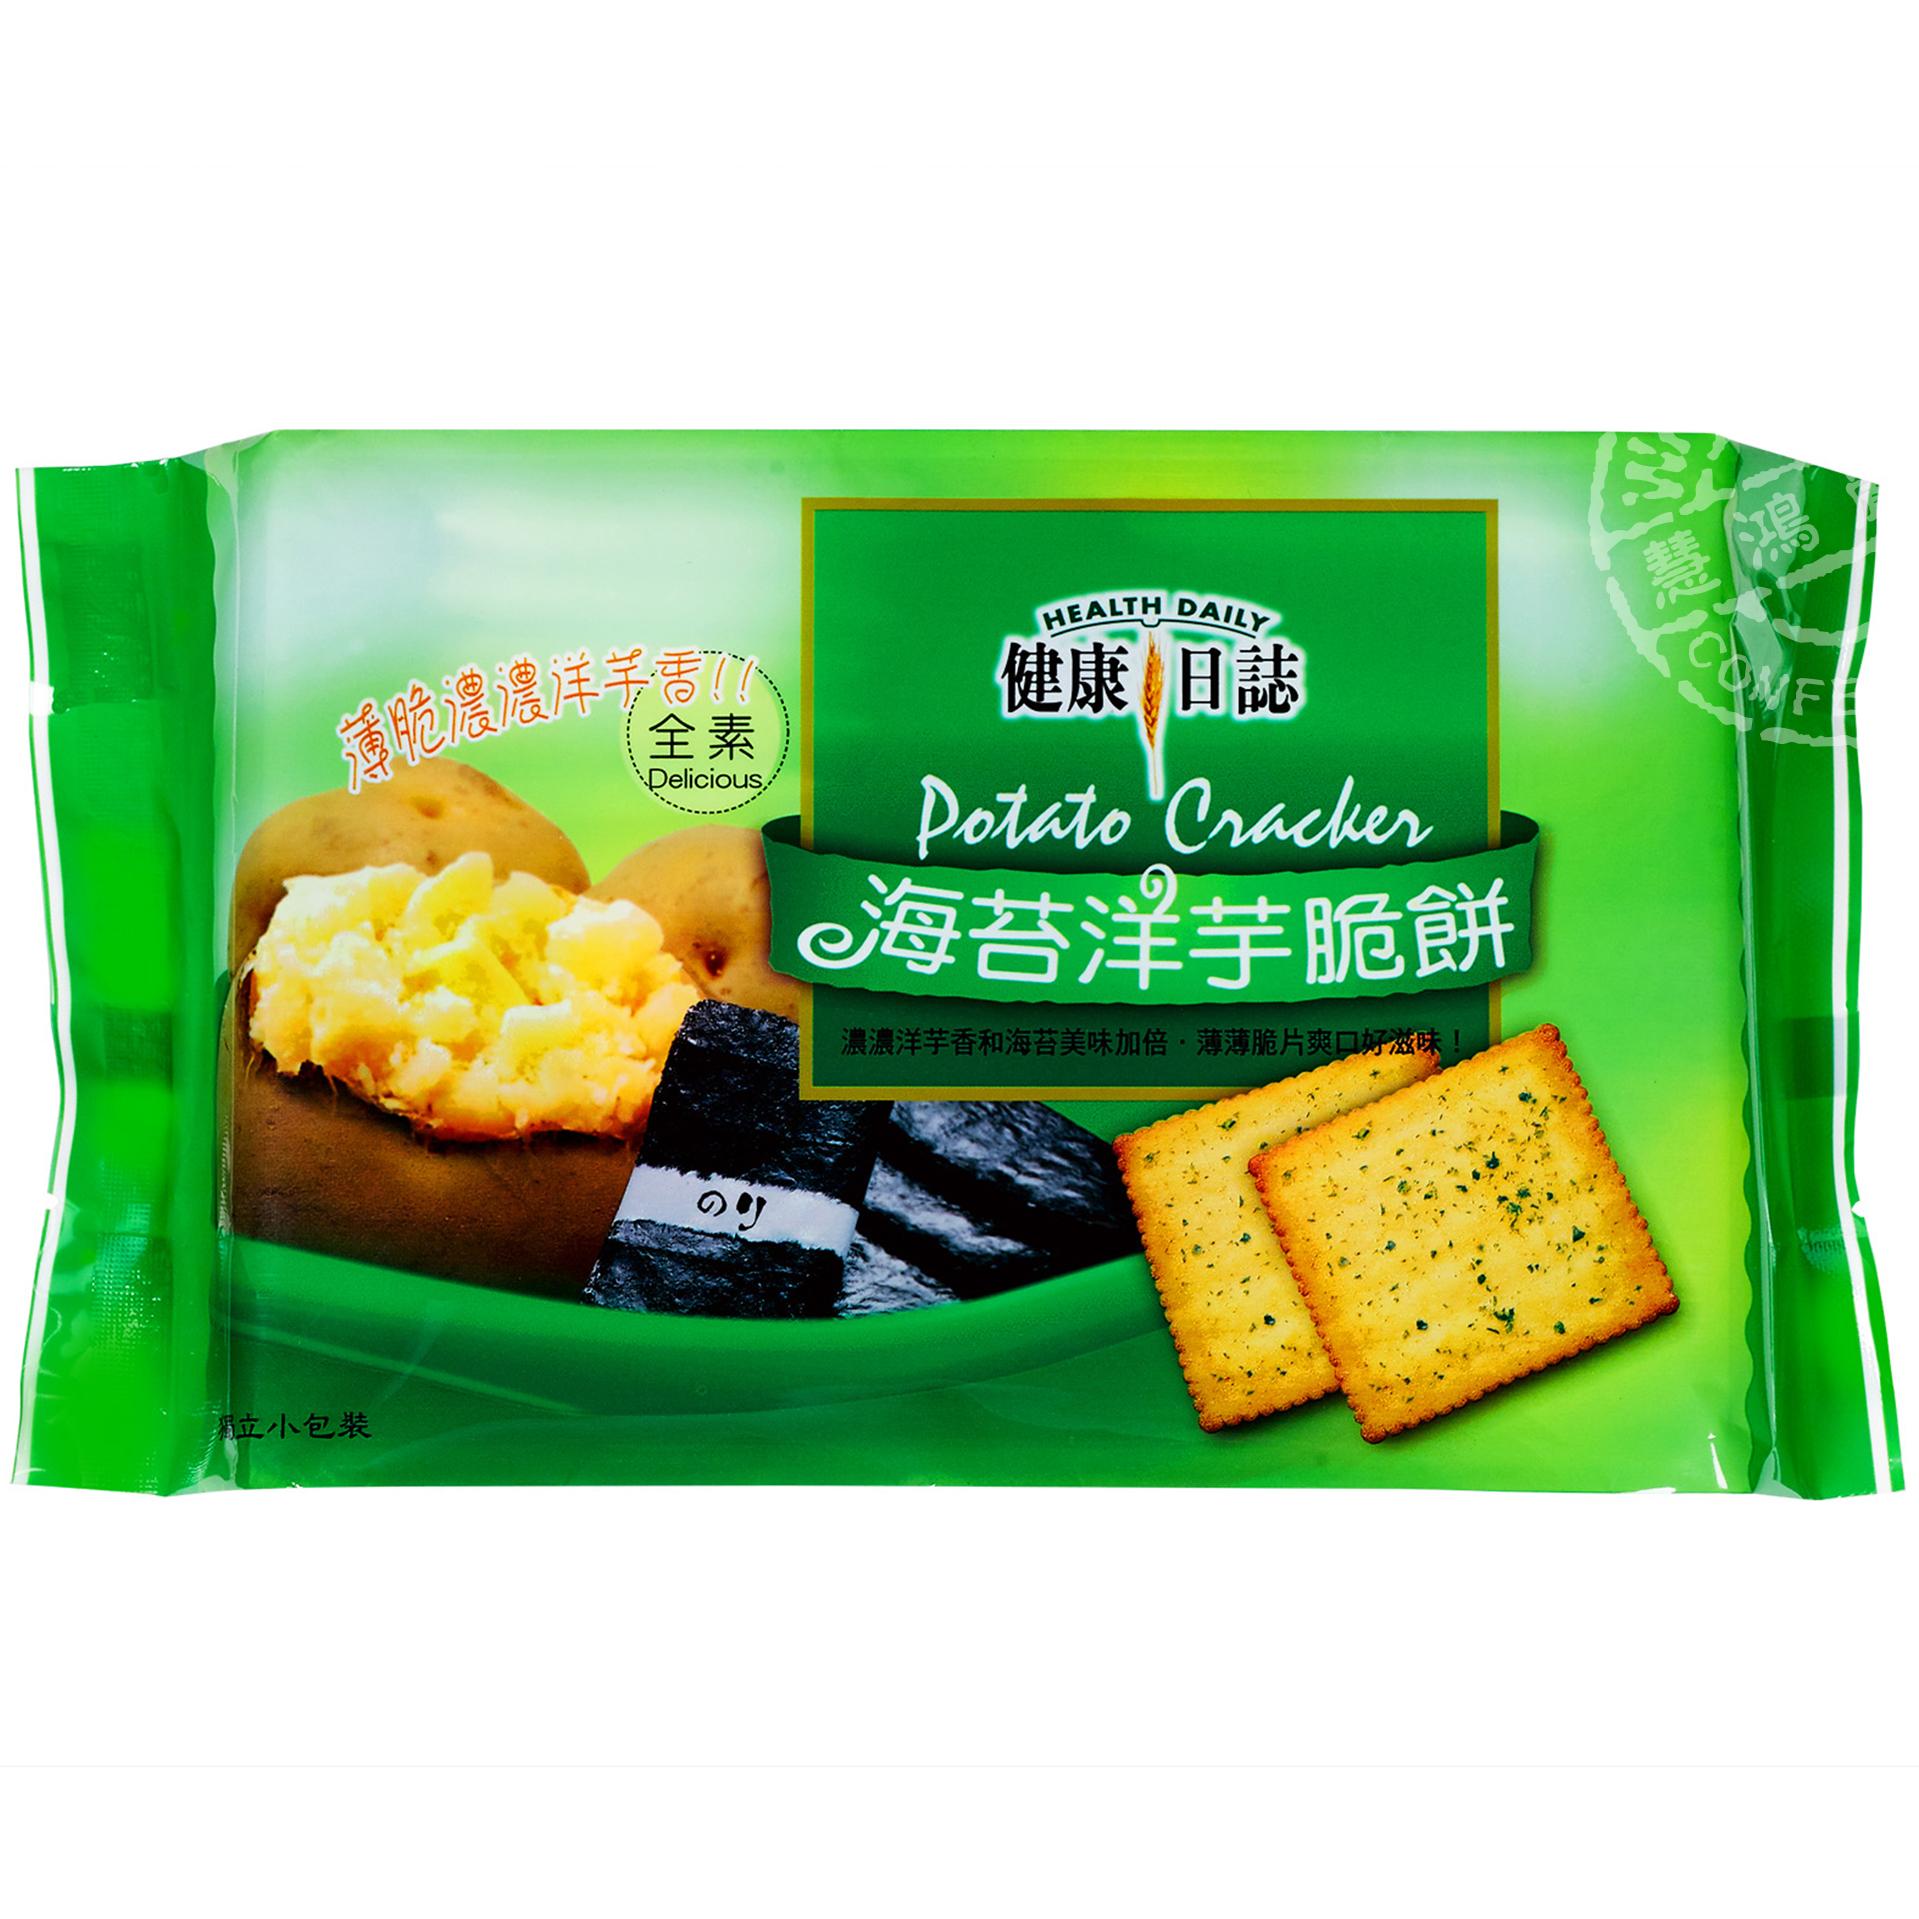 健康日誌 海苔洋芋脆餅─192g